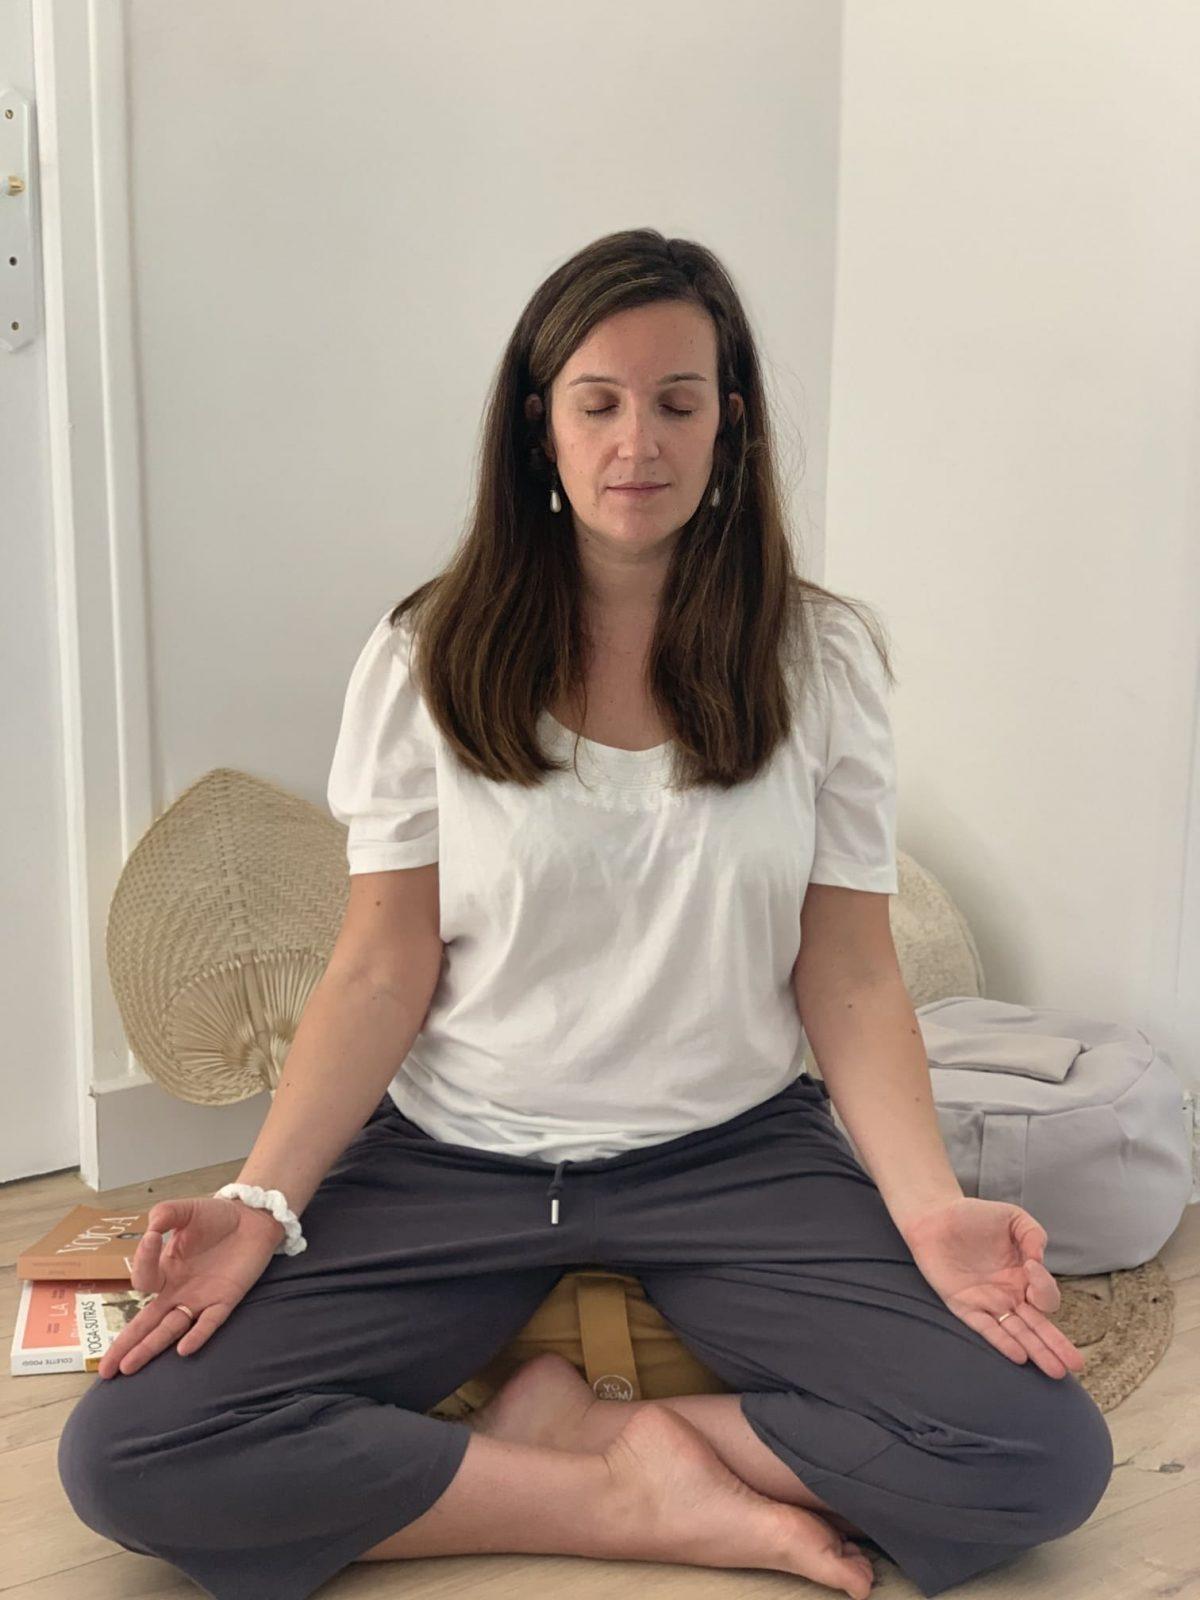 Femme qui médite en position du lotus sur son bolster